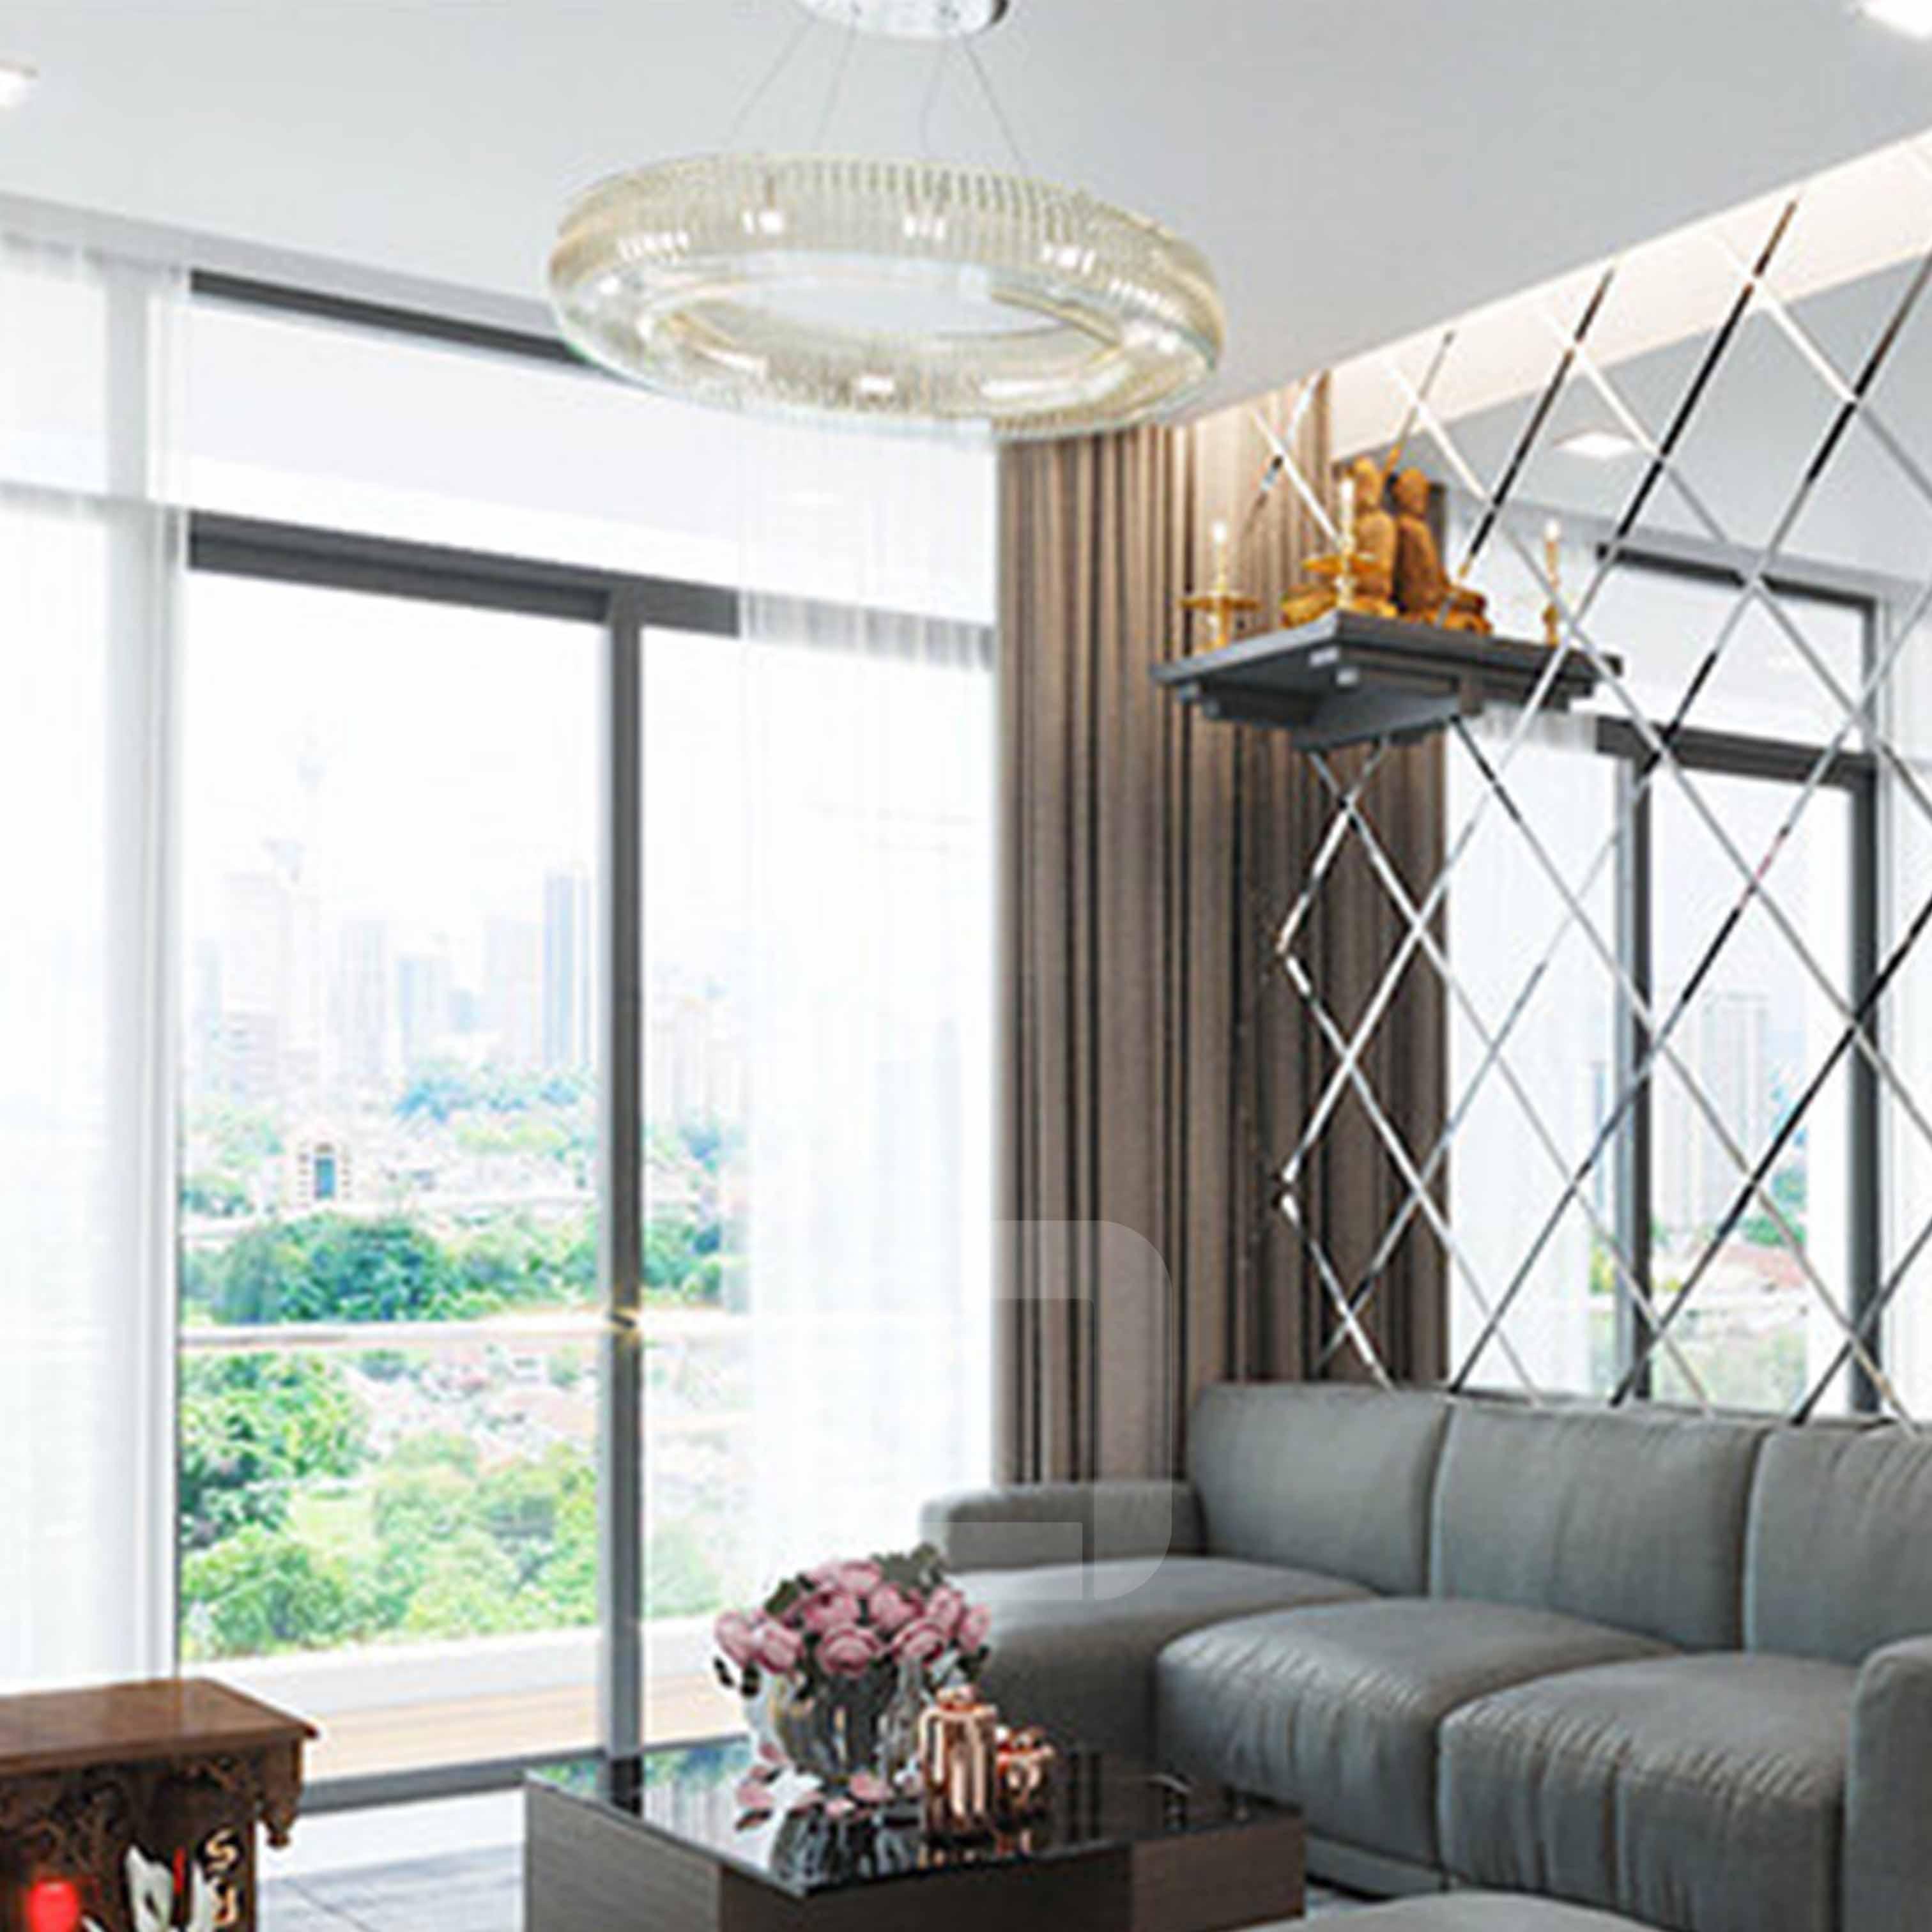 Thiết kế nội thất căn hộ 60m2 chung cư 2 phòng ngủ - TK6LHFU